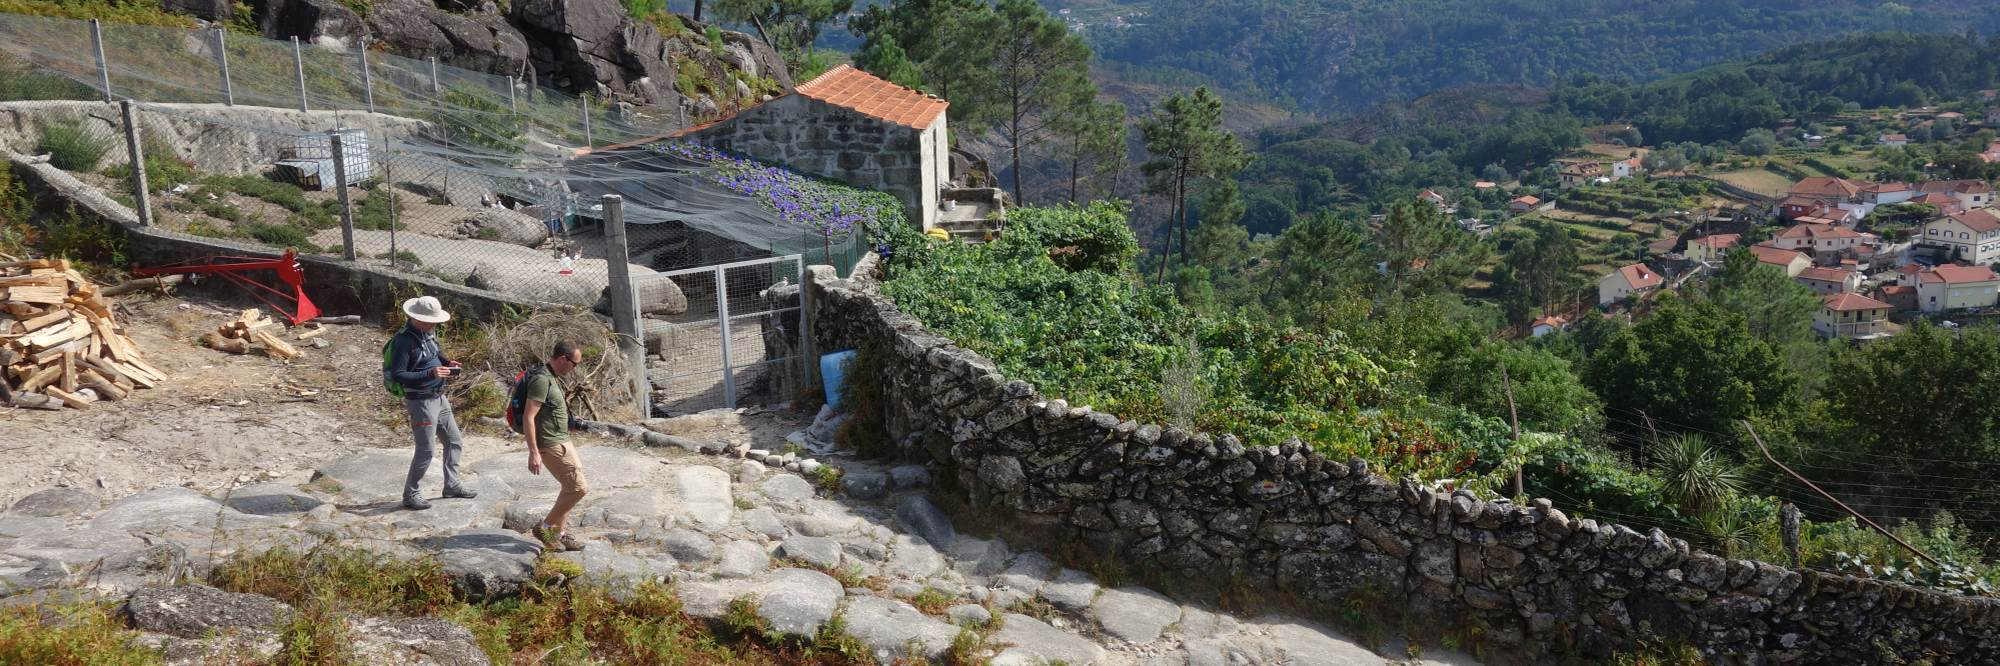 Wandelaars in Noord-Portugal